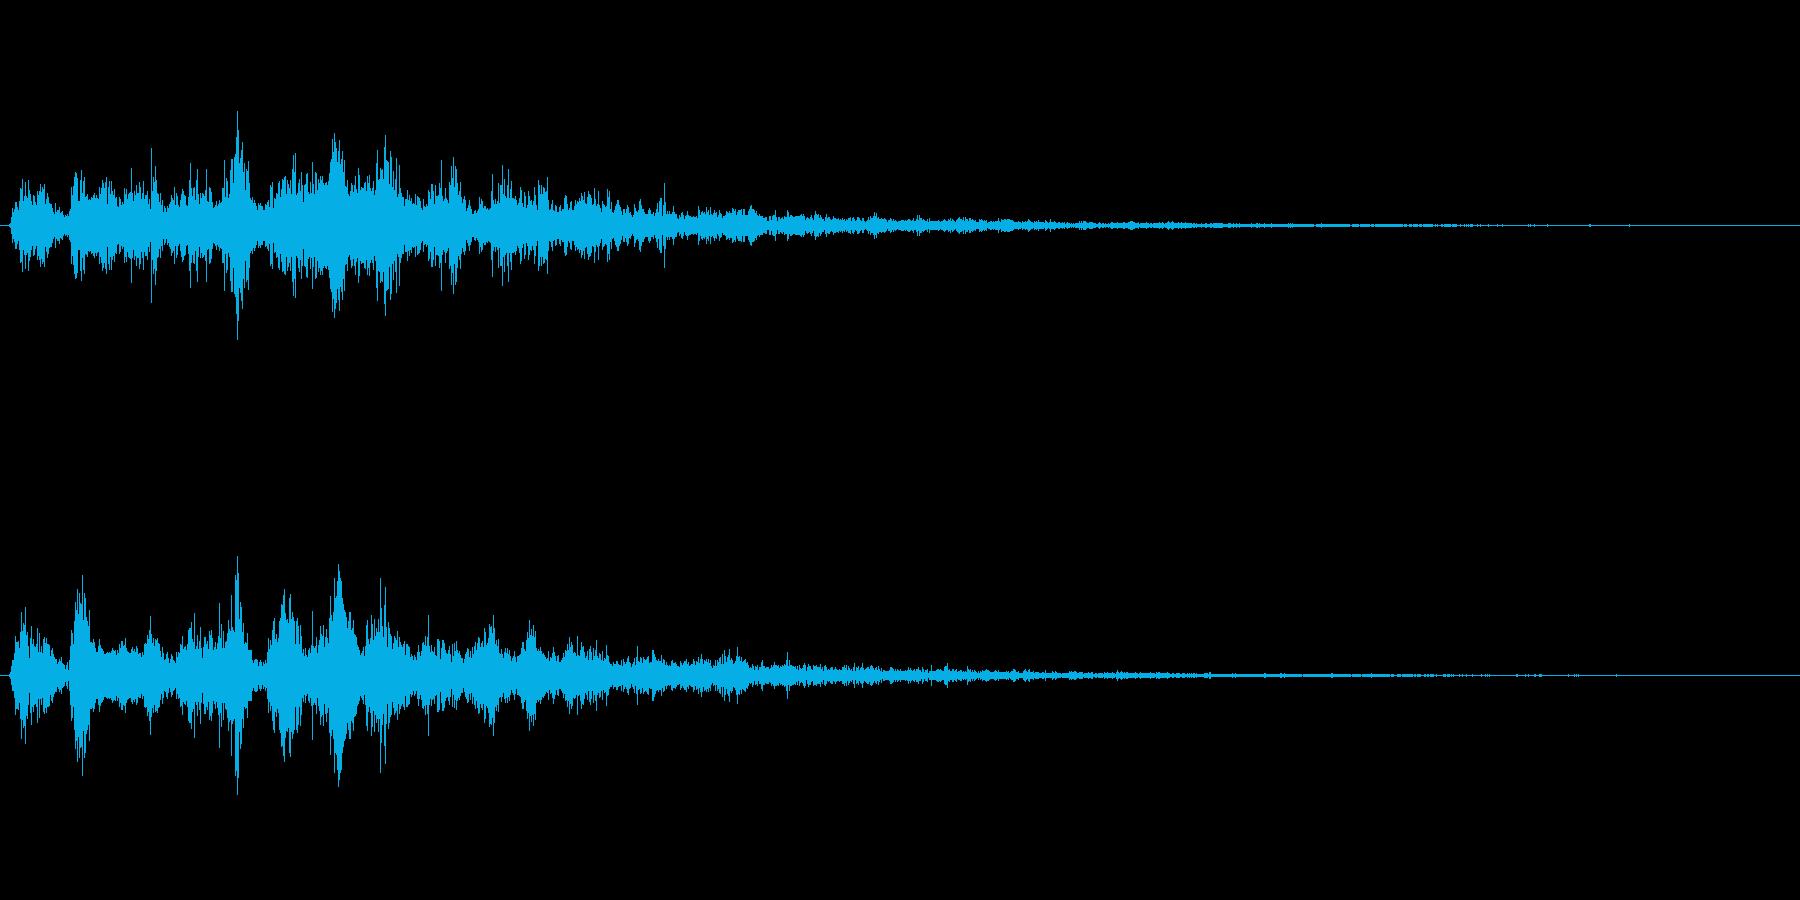 ゲーム、映像などに使える音ですの再生済みの波形